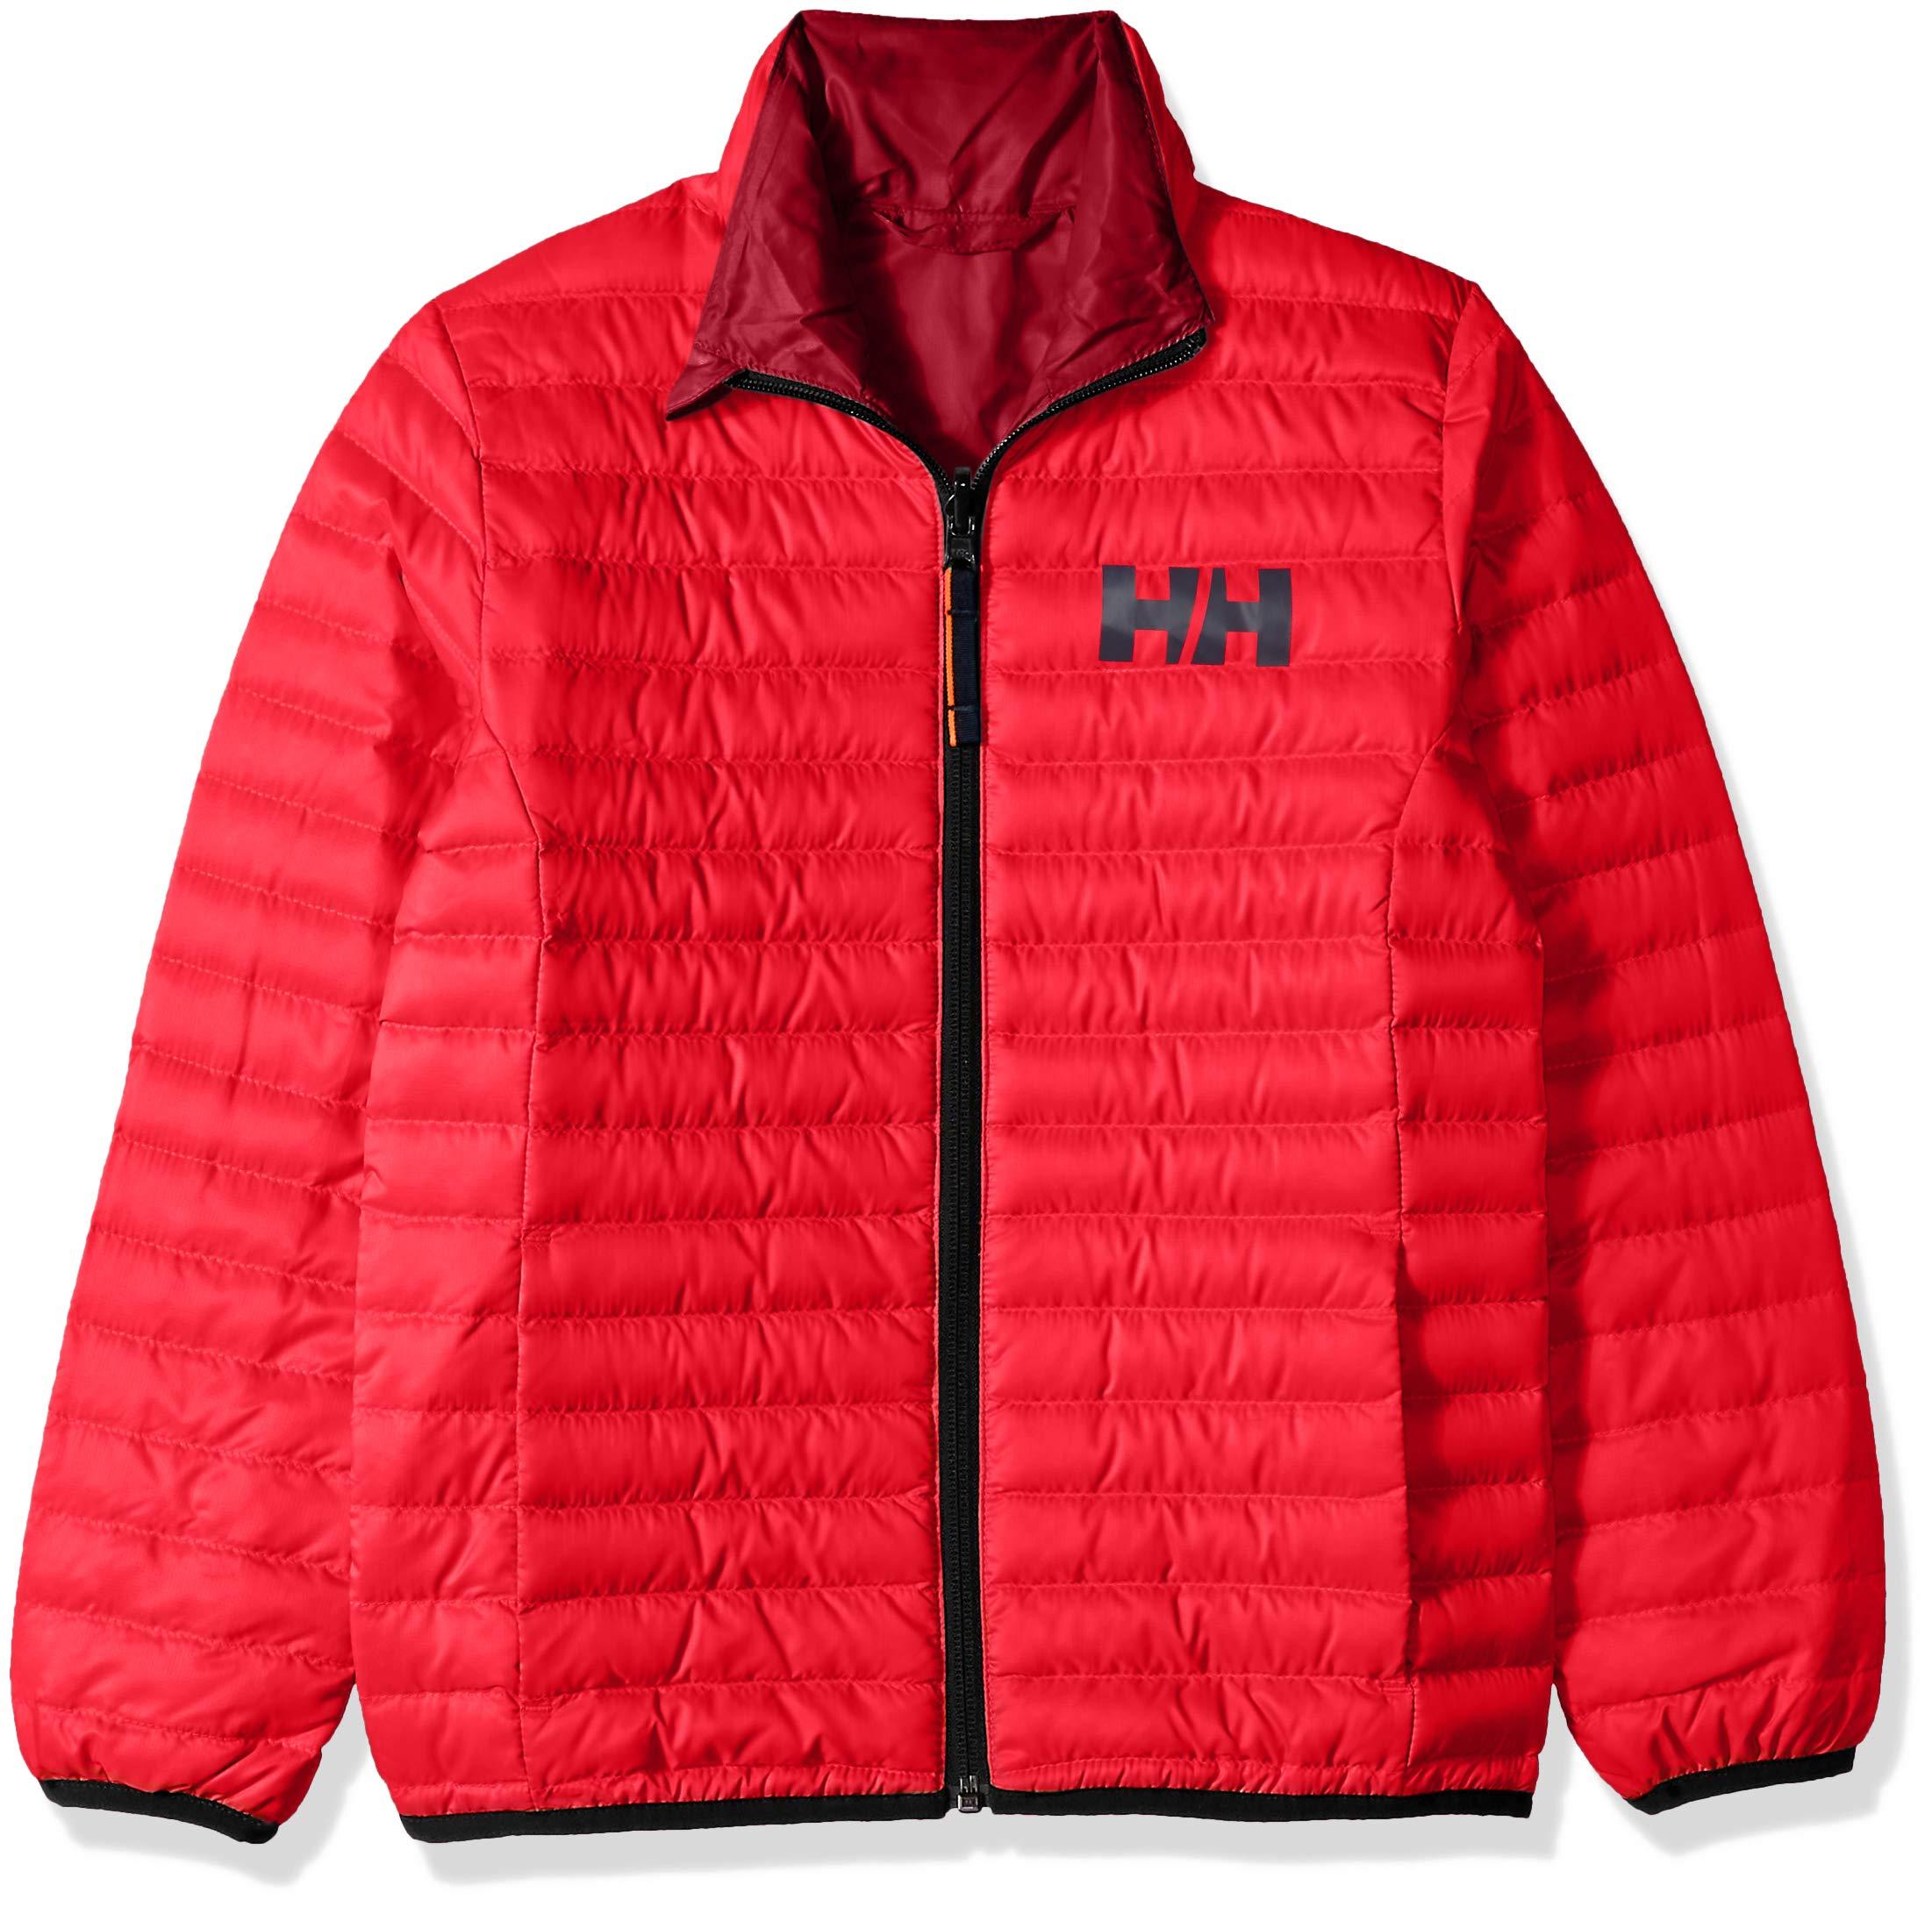 Helly Hansen Jr Barrier Down Insulator Jacket, Goji Berry, Size 12 by Helly Hansen (Image #1)